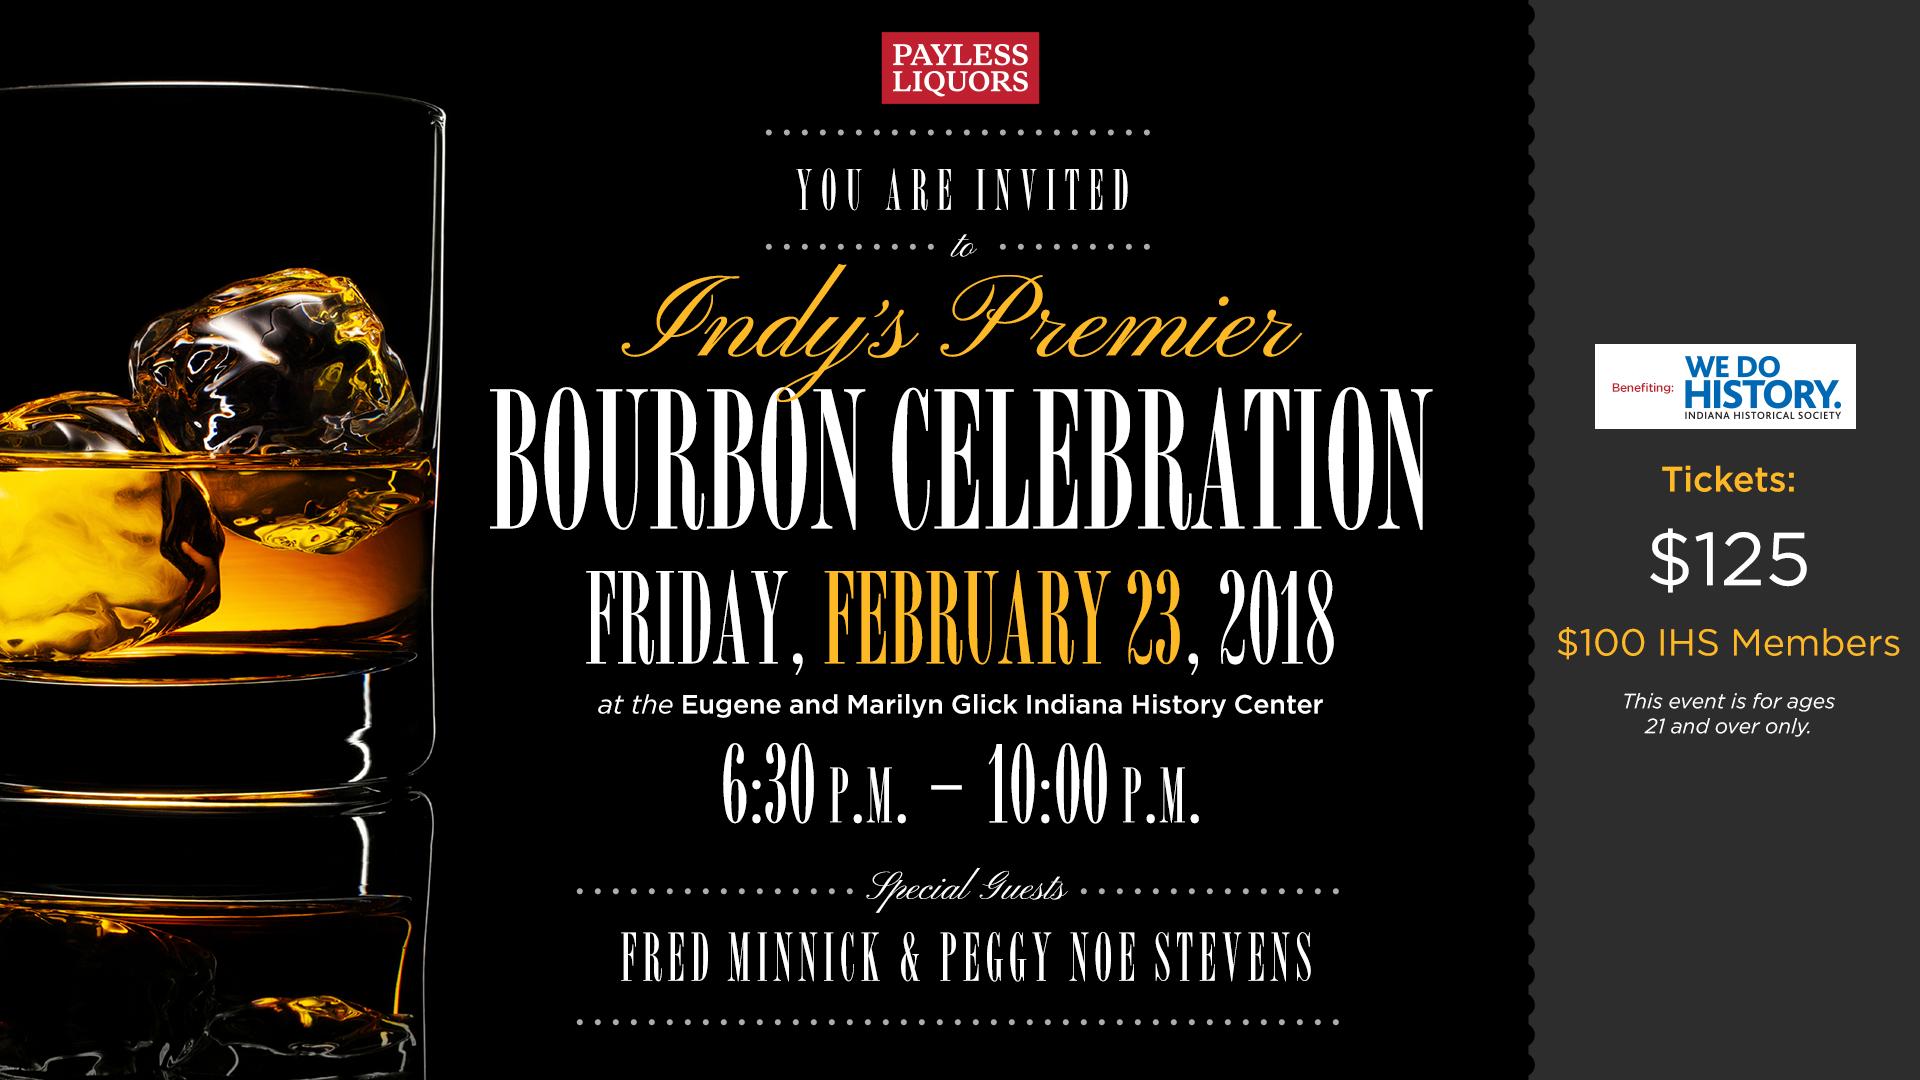 Indy's Premier Bourbon Celebration